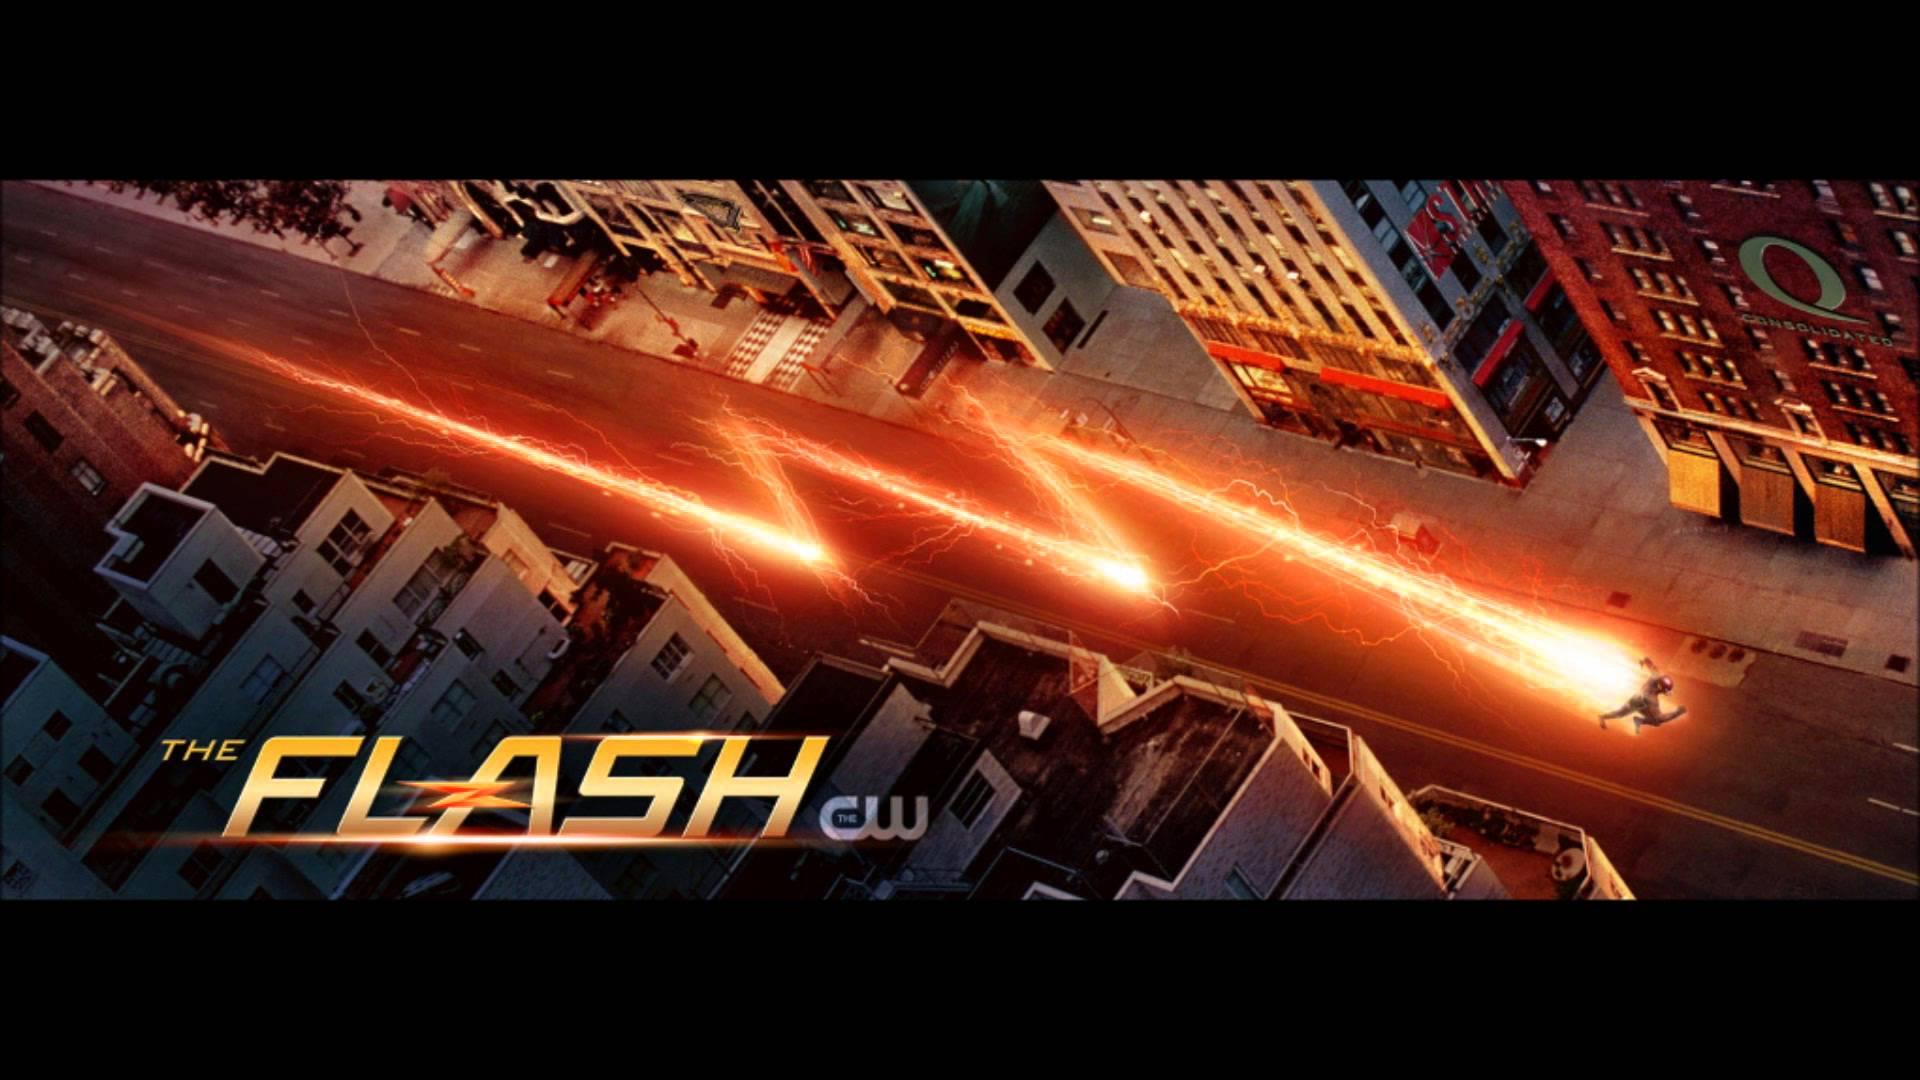 دانلود زیرنویس سریال the flash قسمت 23